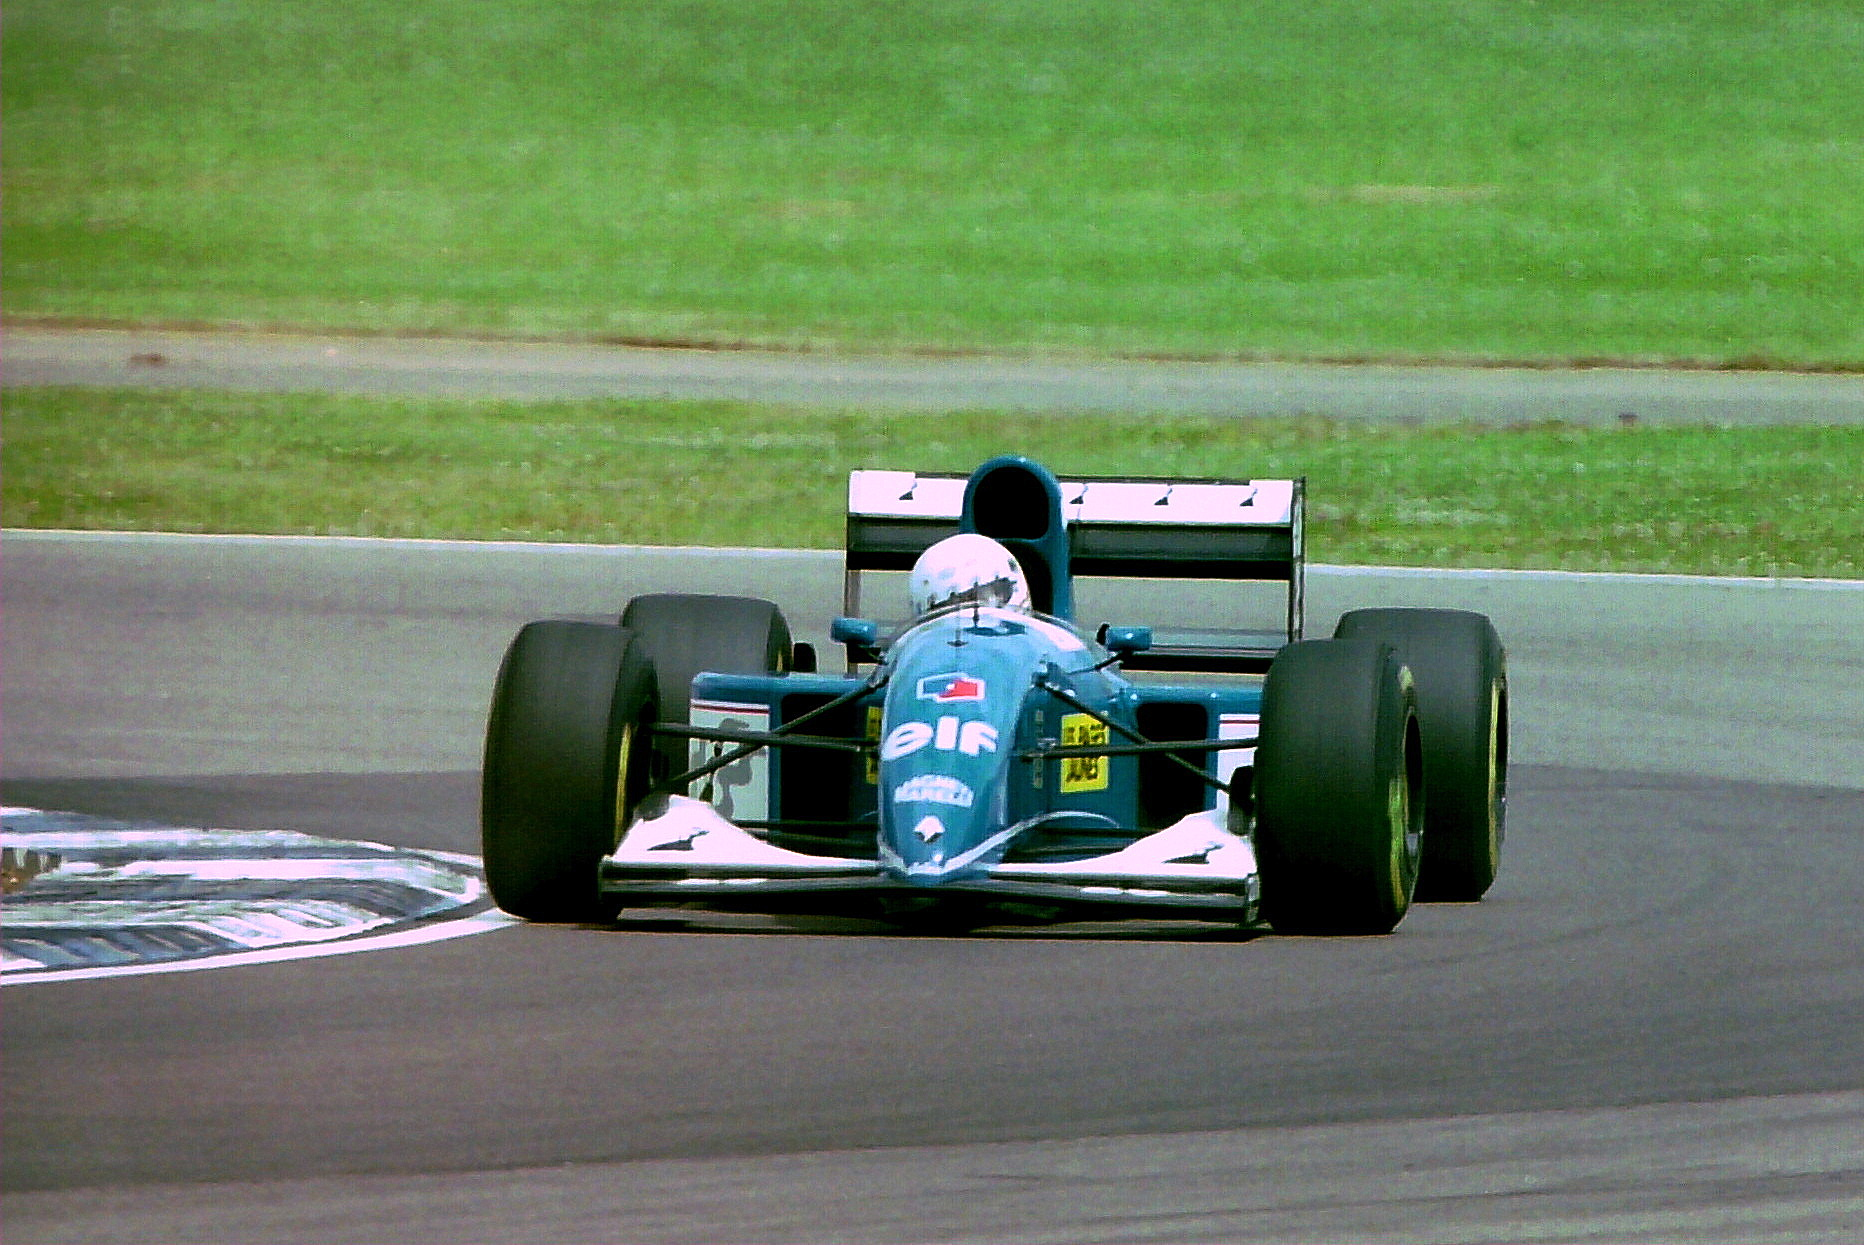 Martin_Brundle_-_Ligier_JS39_during_prac